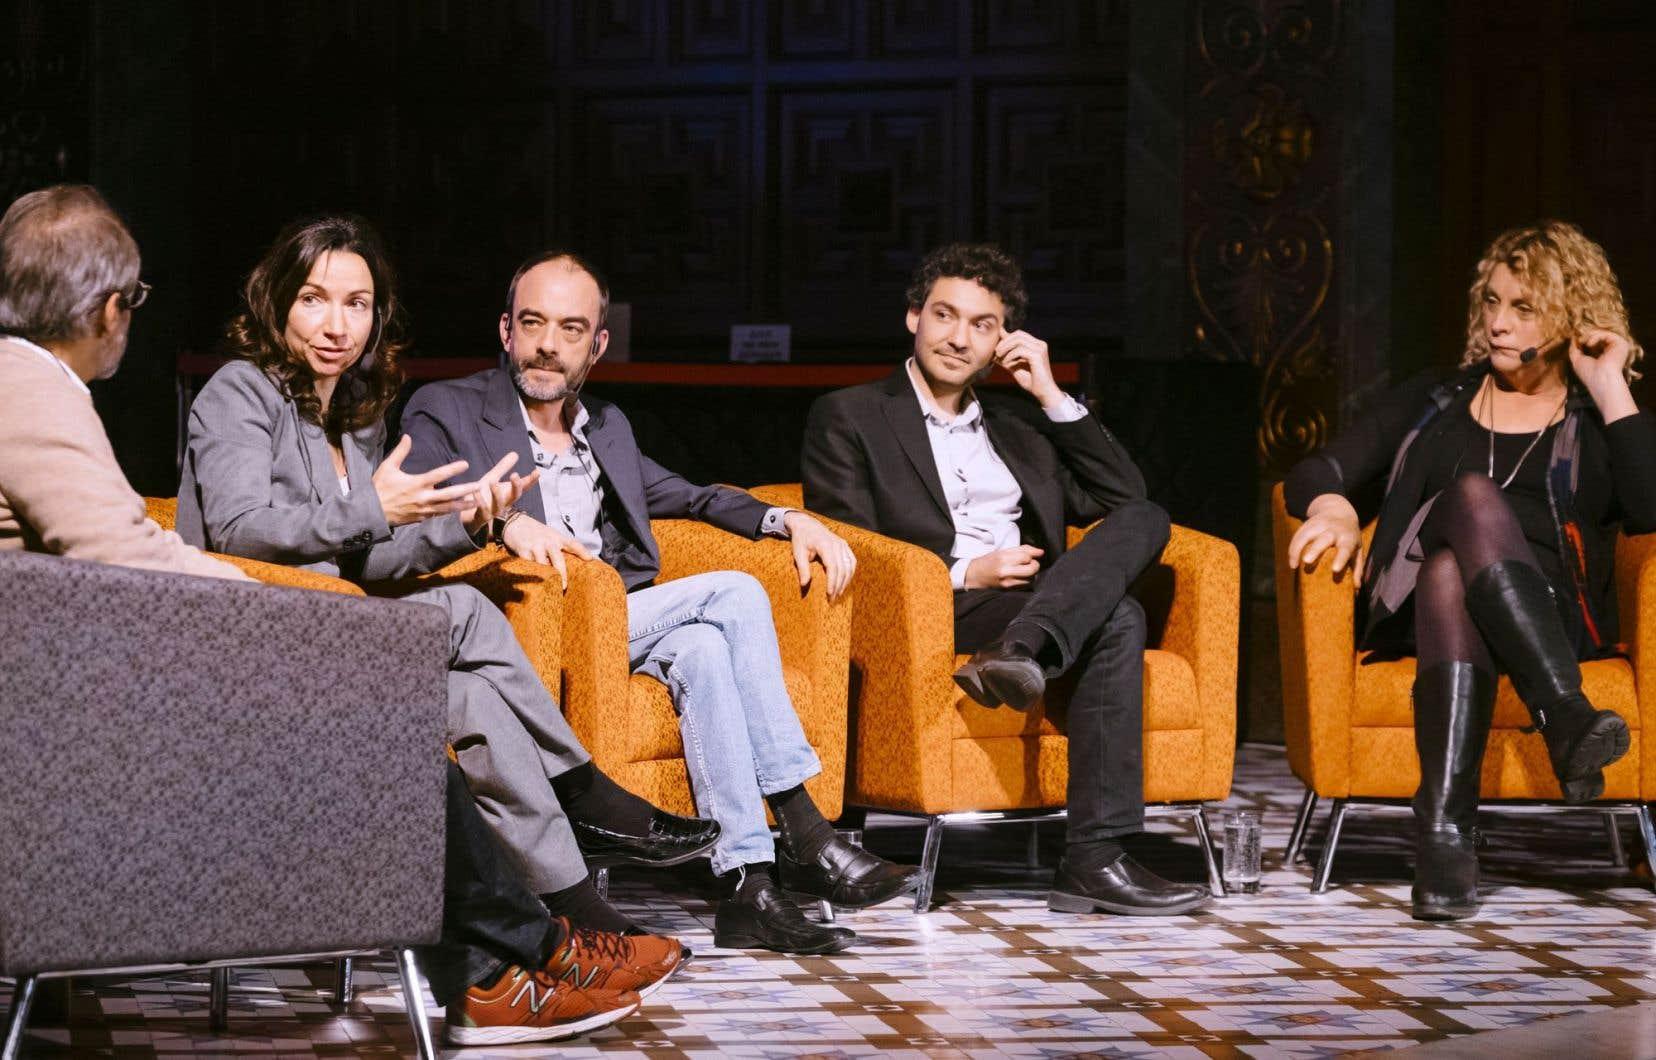 Le débat réunissait Martine Ouellet, Ianik Marcil, Guillaume Blum et Michelle Blanc.